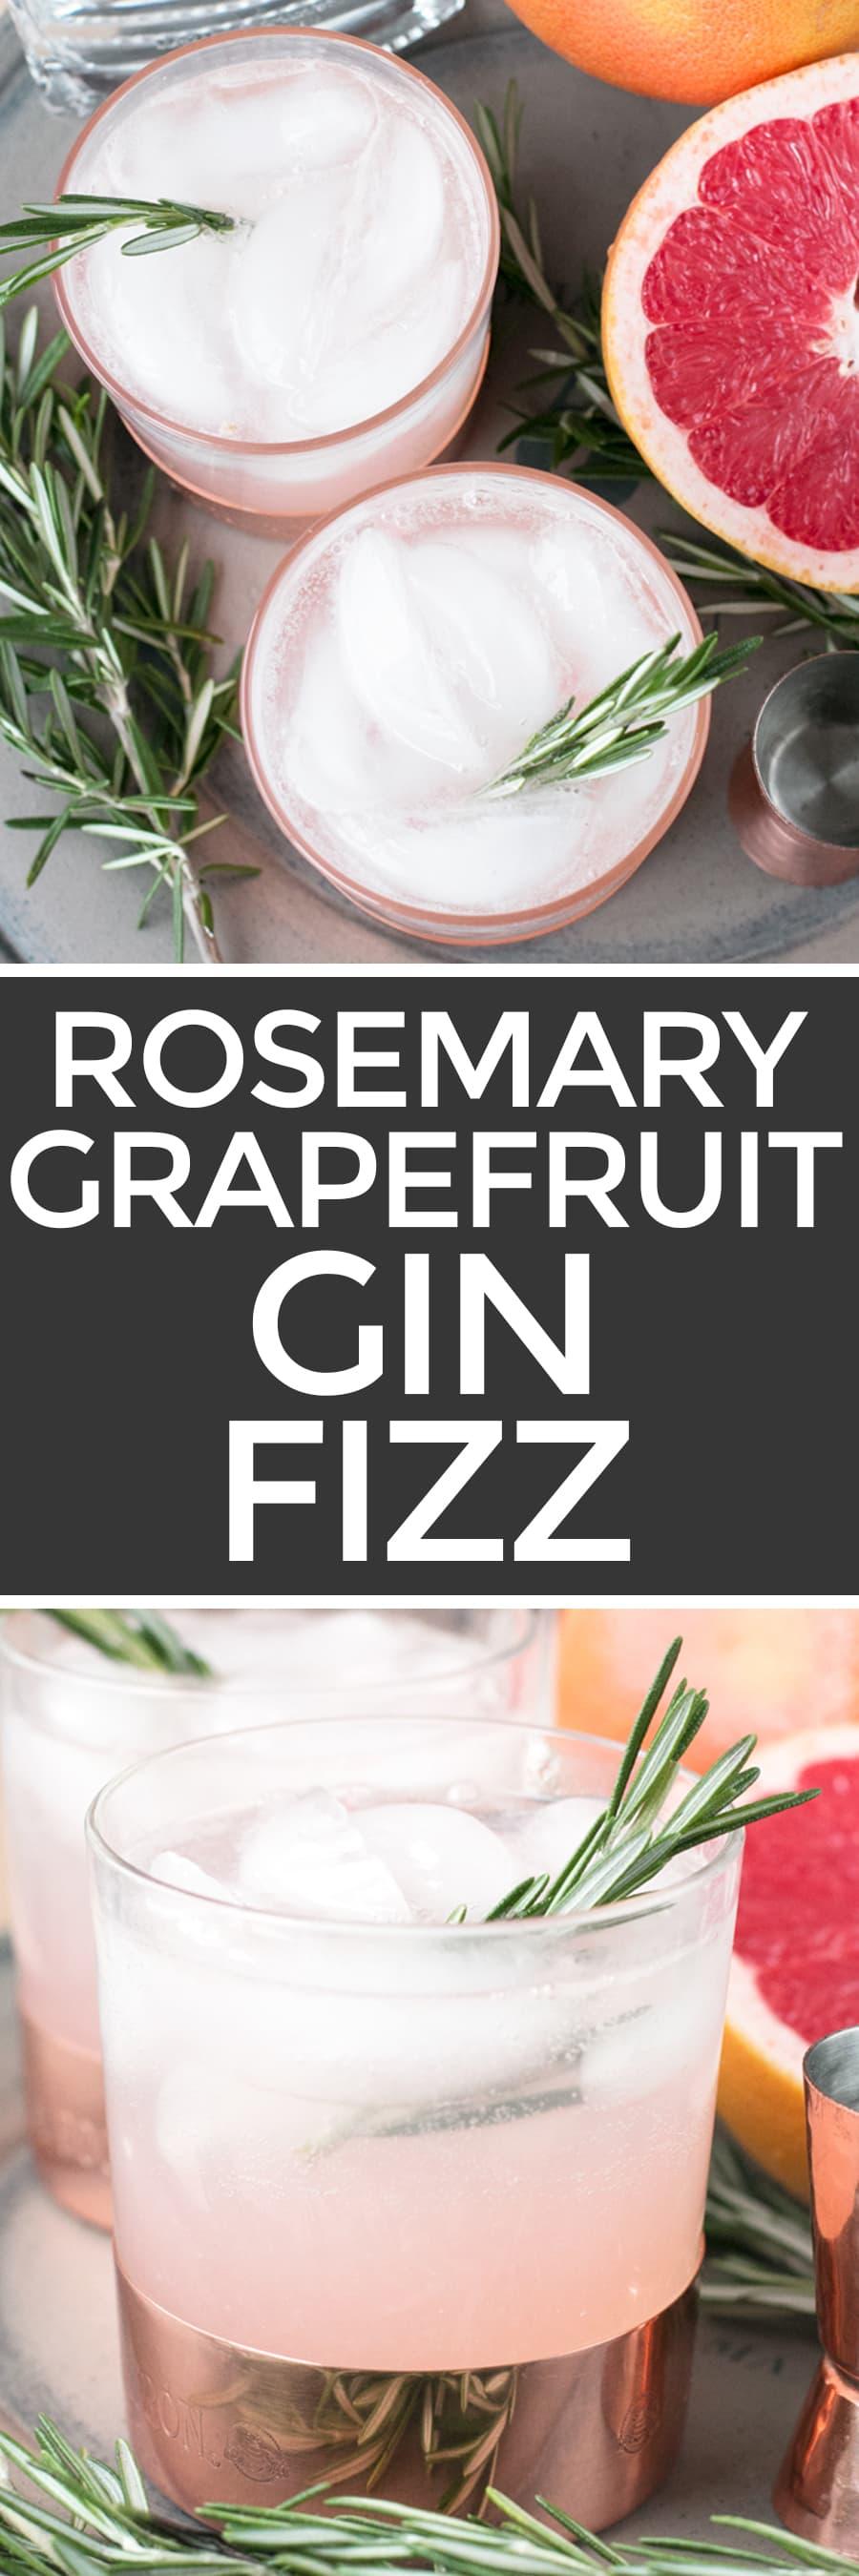 Rosemary Grapefruit Gin Fizz – Cake 'n Knife